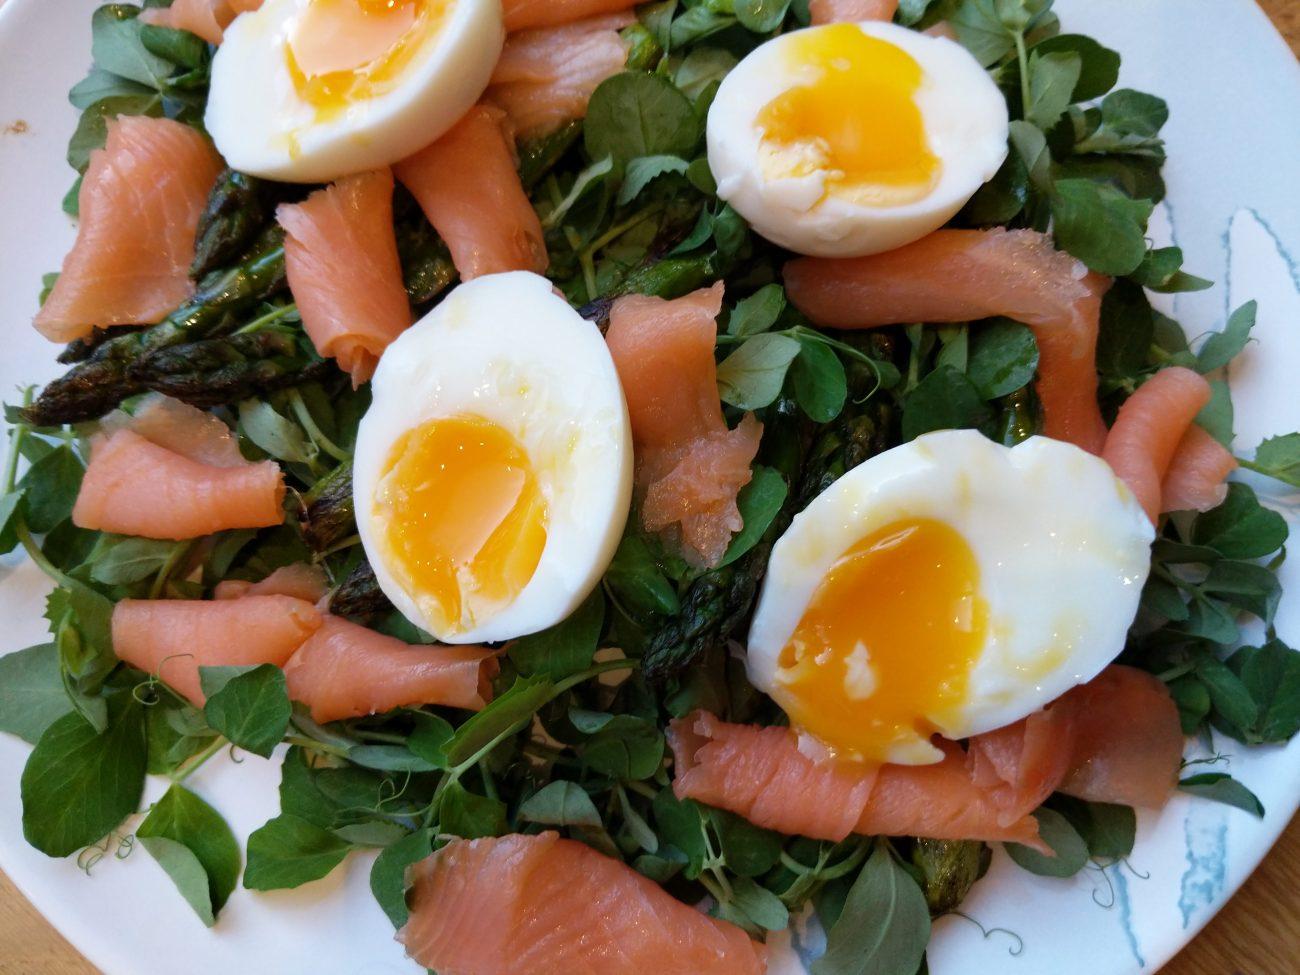 Smoked Salmon, Asparagus, Pea Shoots and Egg Salad